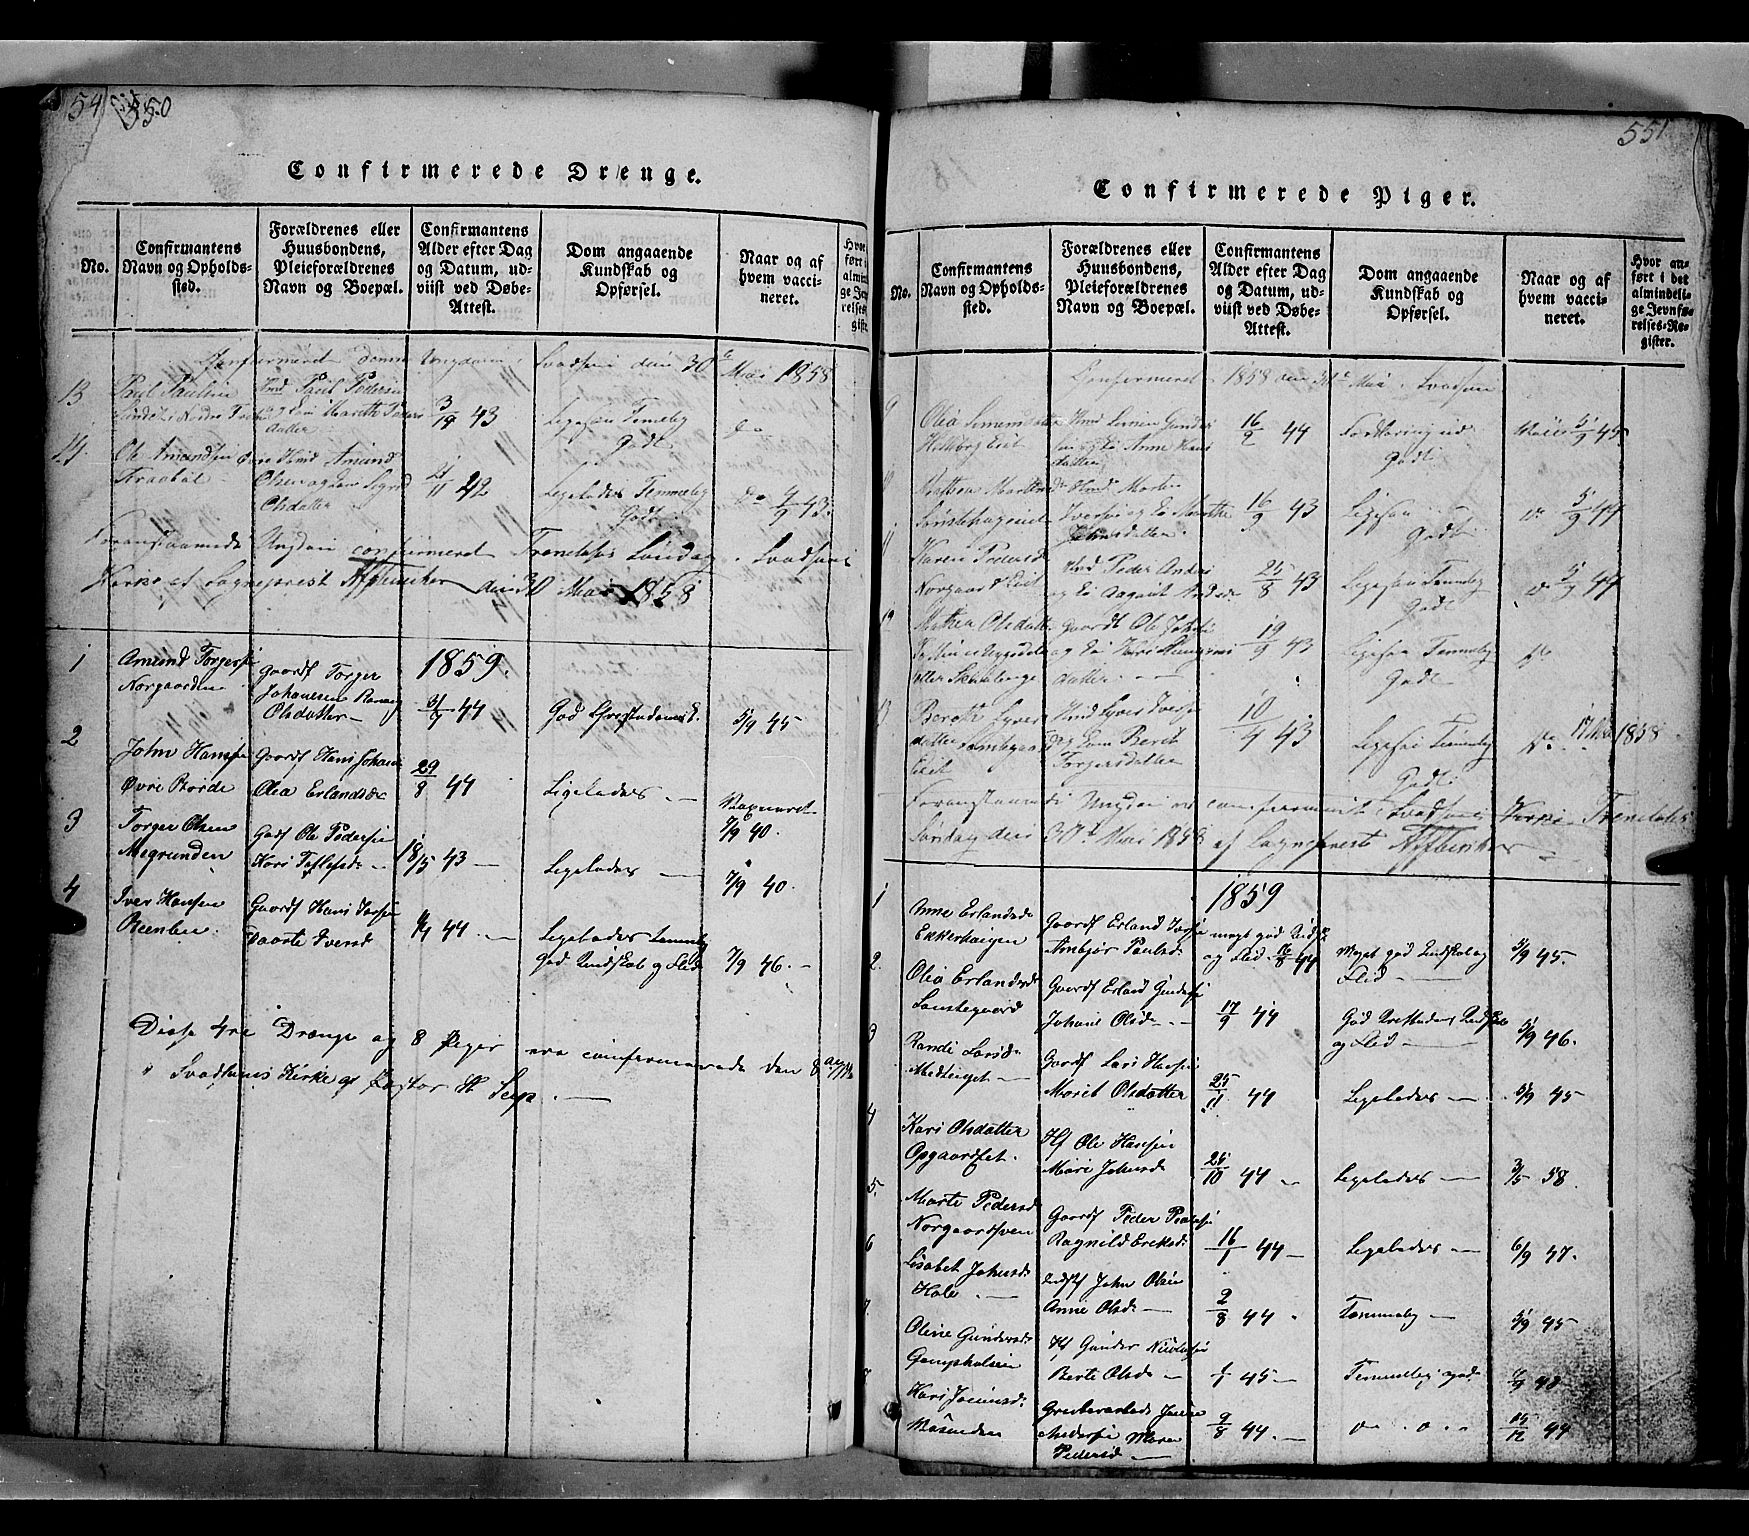 SAH, Gausdal prestekontor, Klokkerbok nr. 2, 1818-1874, s. 550-551